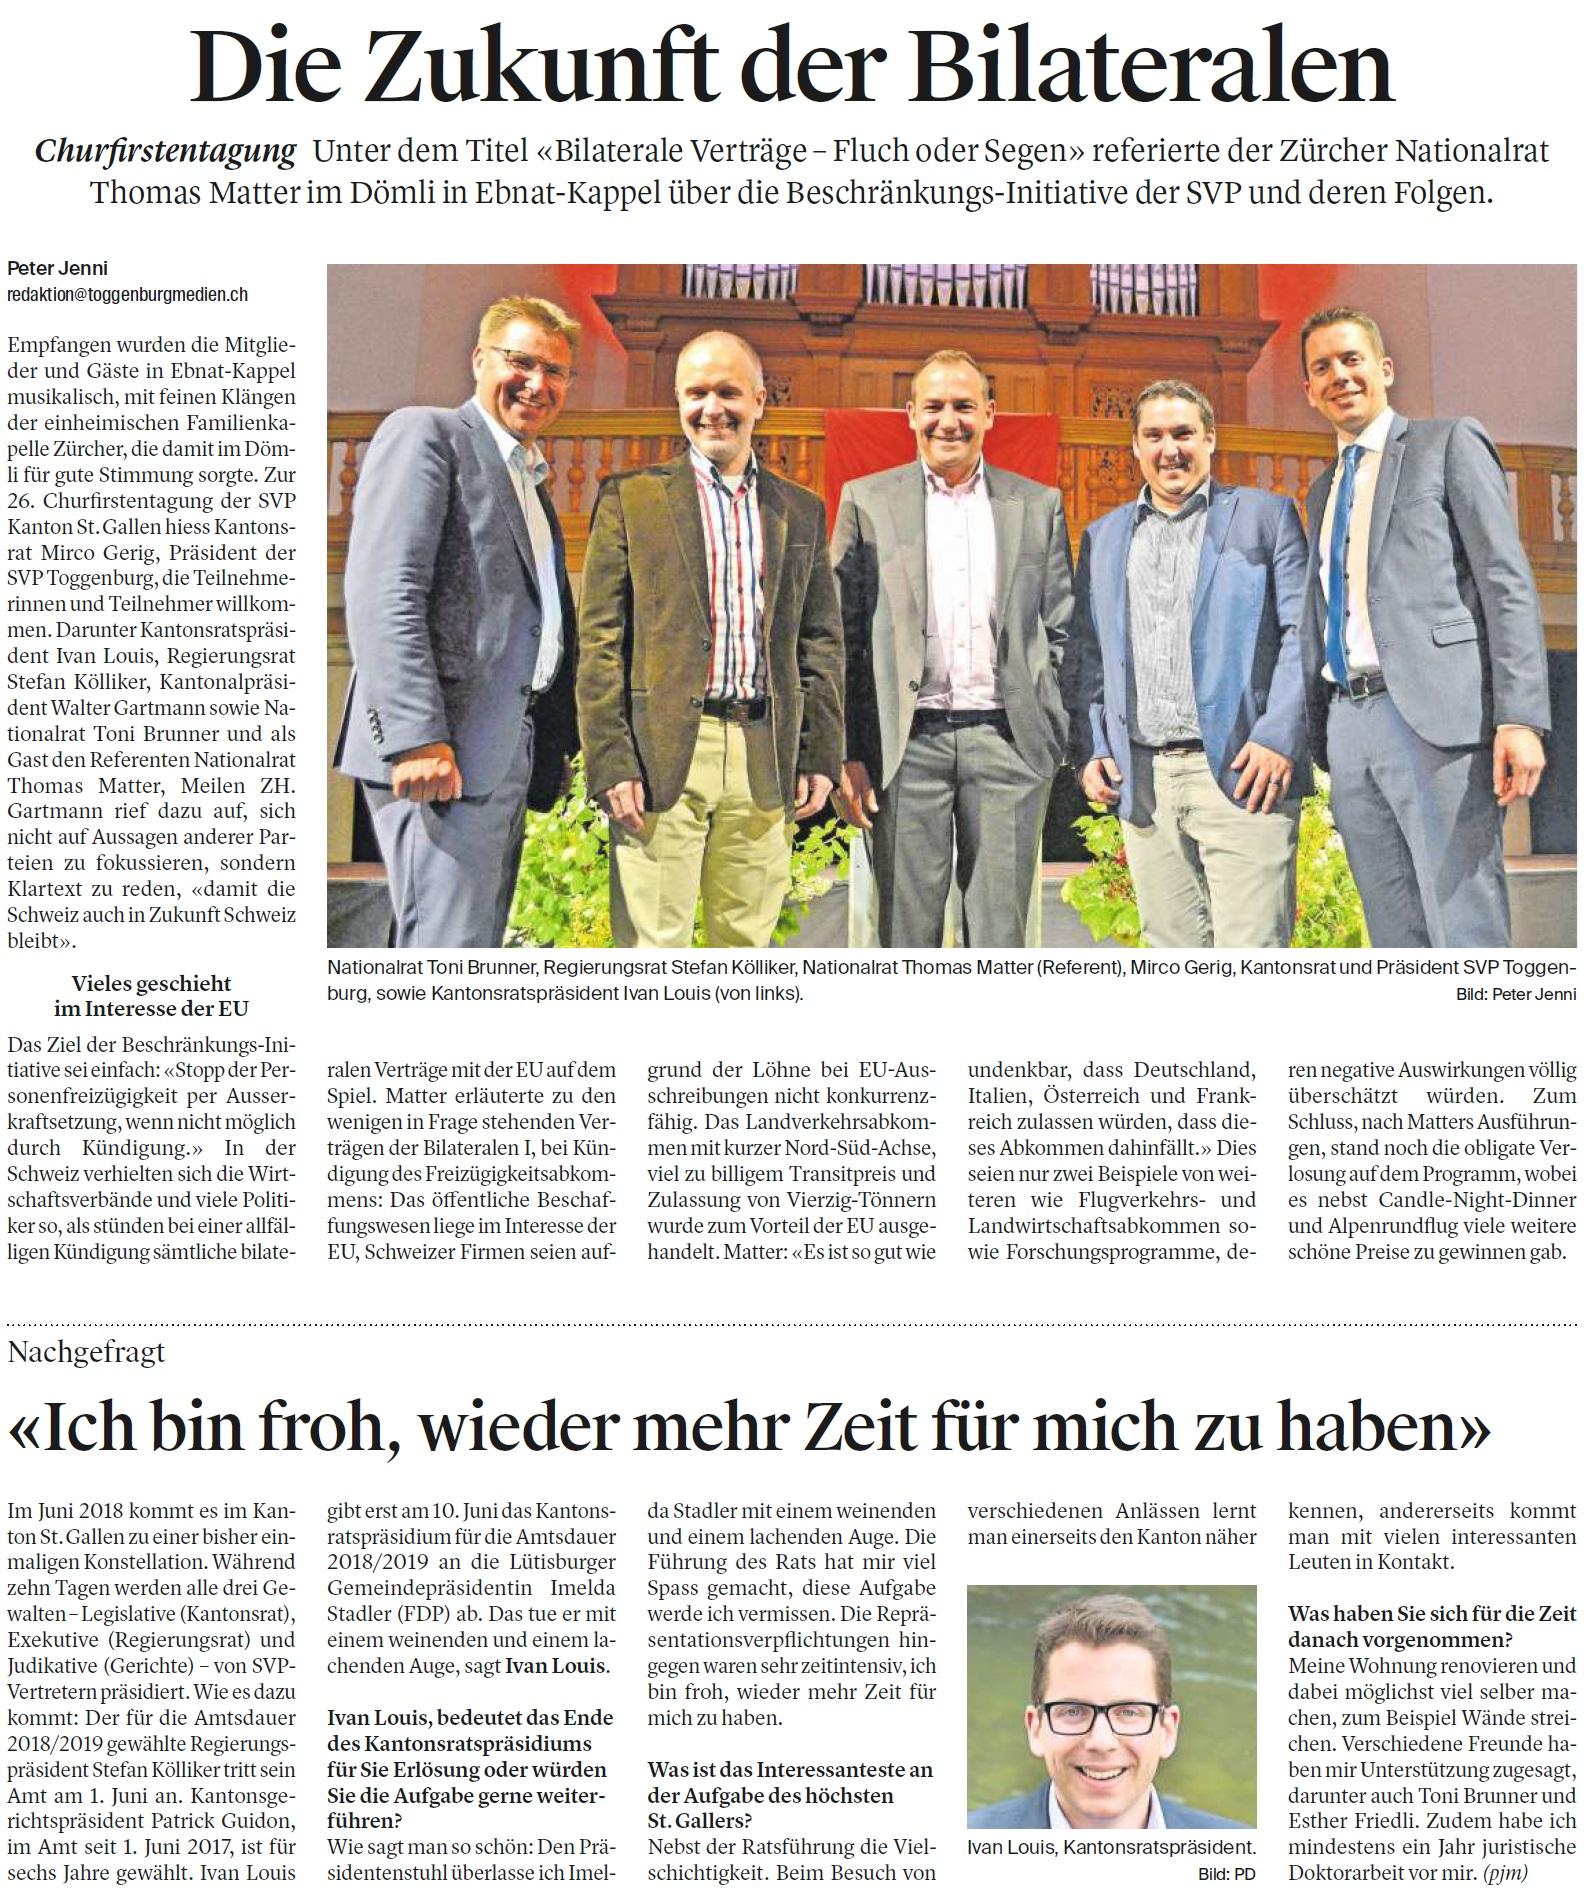 Die Zukunft der Bilateralen (Montag, 30.04.2018)